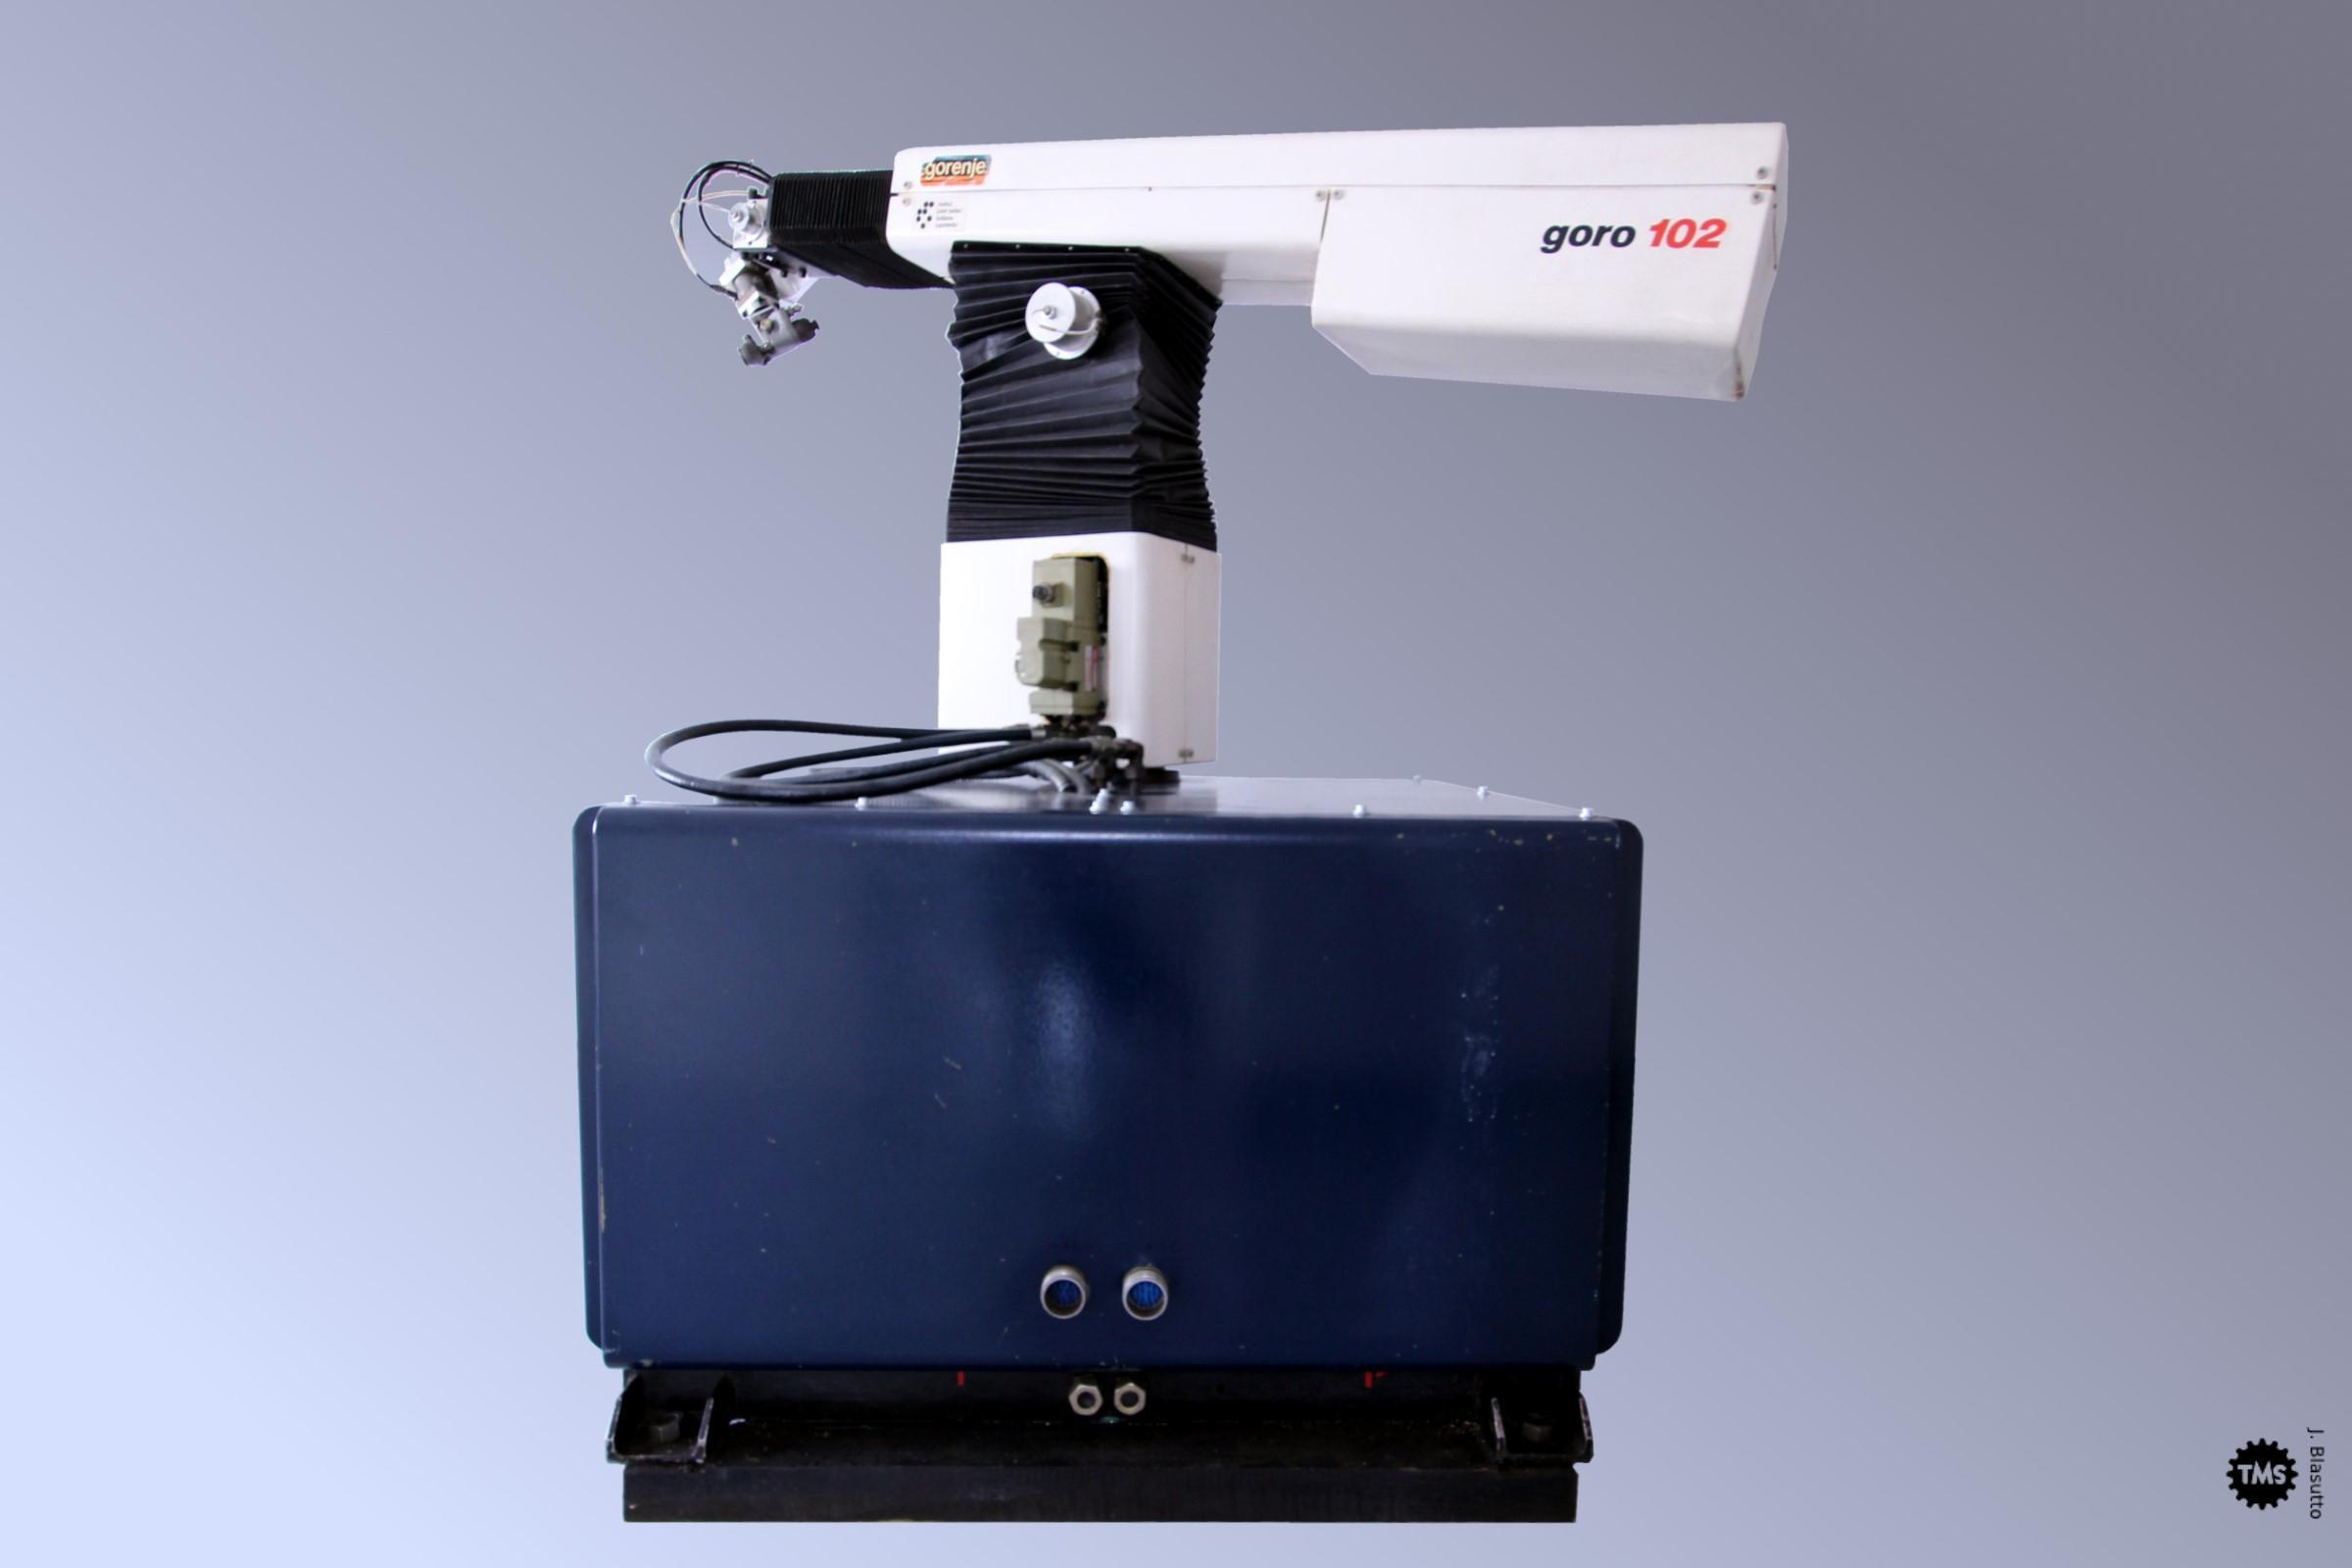 tirdzniecības robotu reitings 2020. gads)